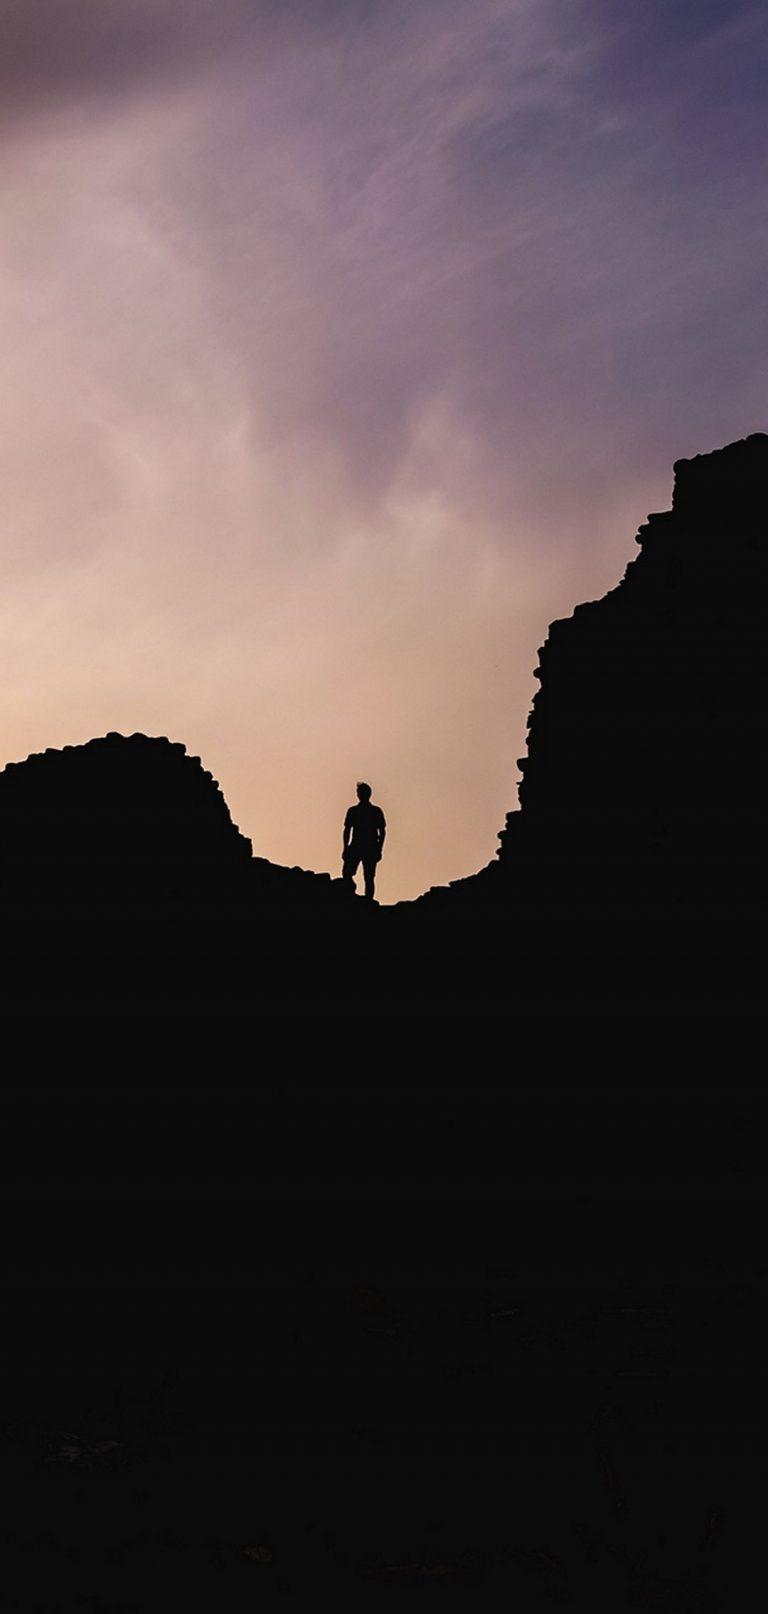 Hills Silhouette Solitude 1080x2270 768x1614